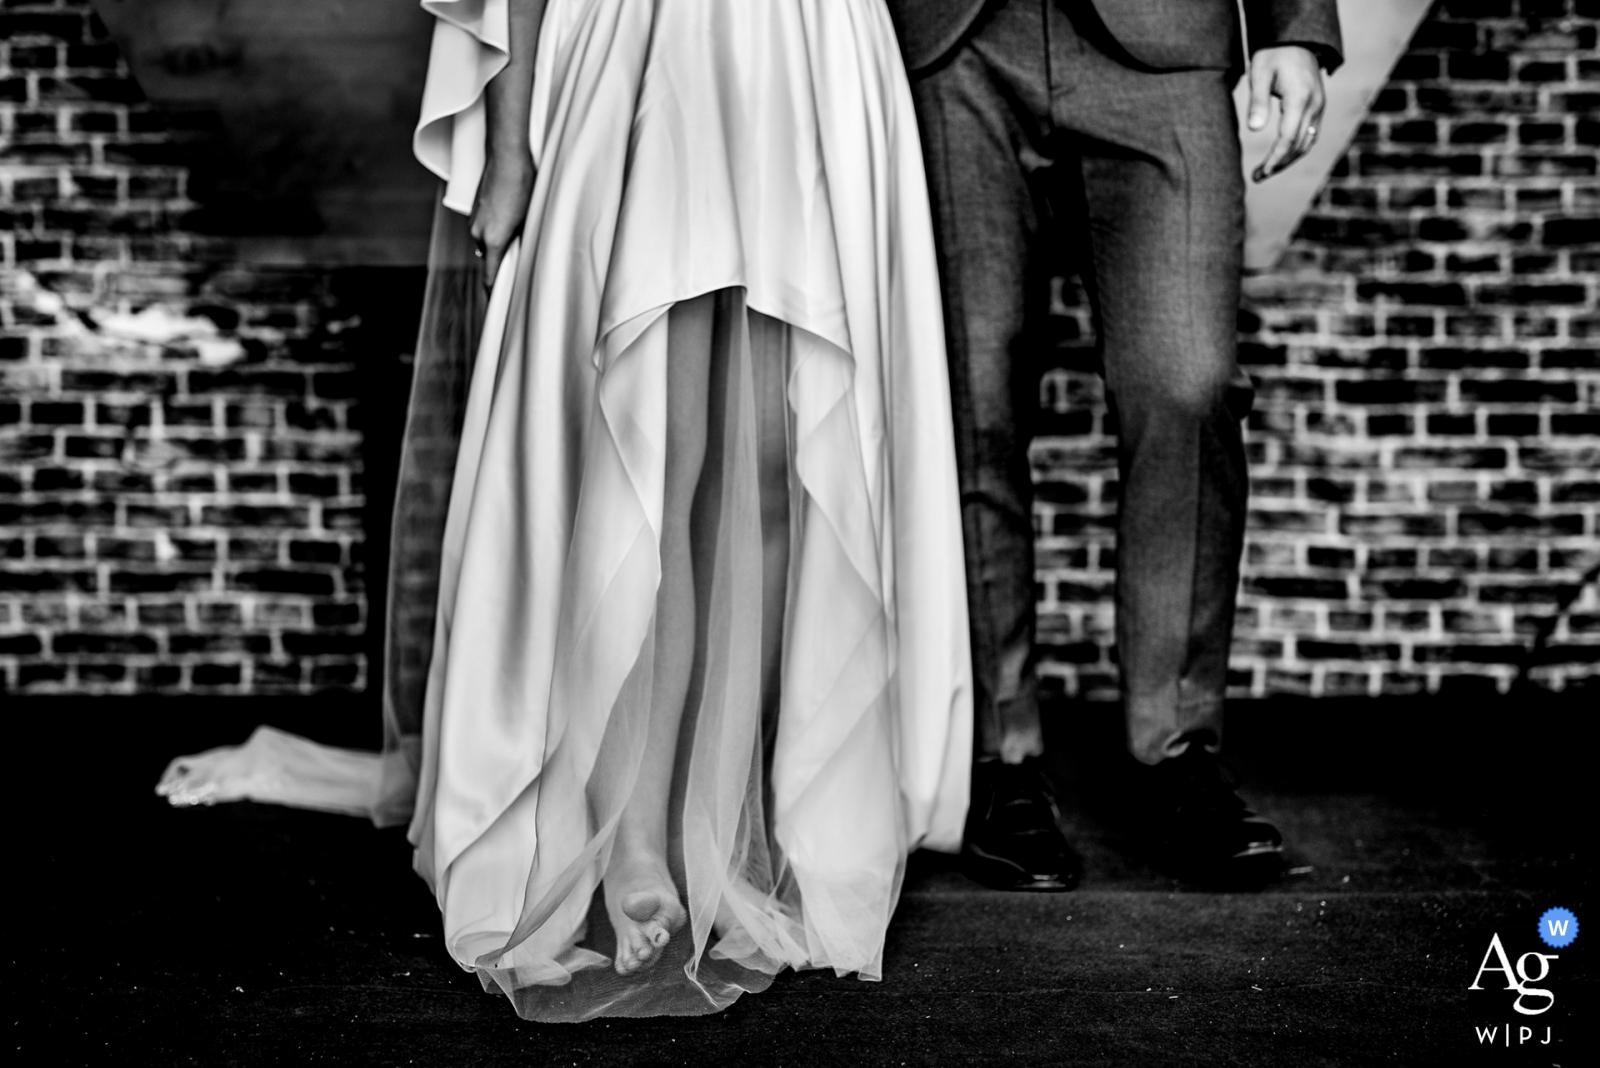 La photographe de mariage de Phu Quoc a conçu cette image en noir et blanc des jambes des mariés lorsqu'ils se tiennent debout après la cérémonie